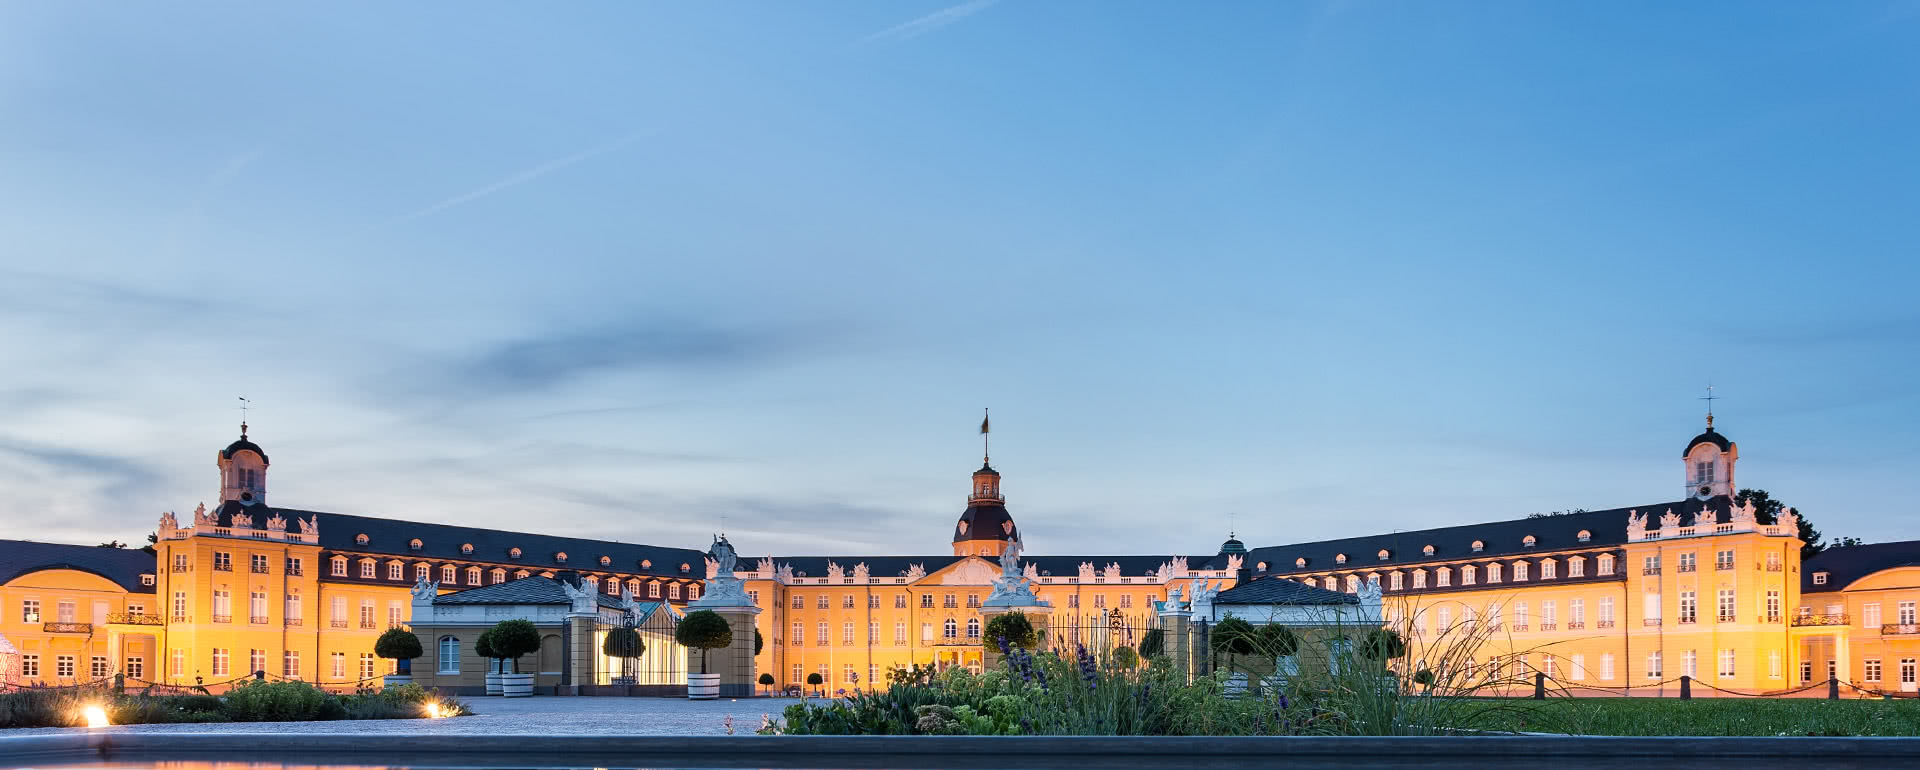 Titelbild von Karlsruhe